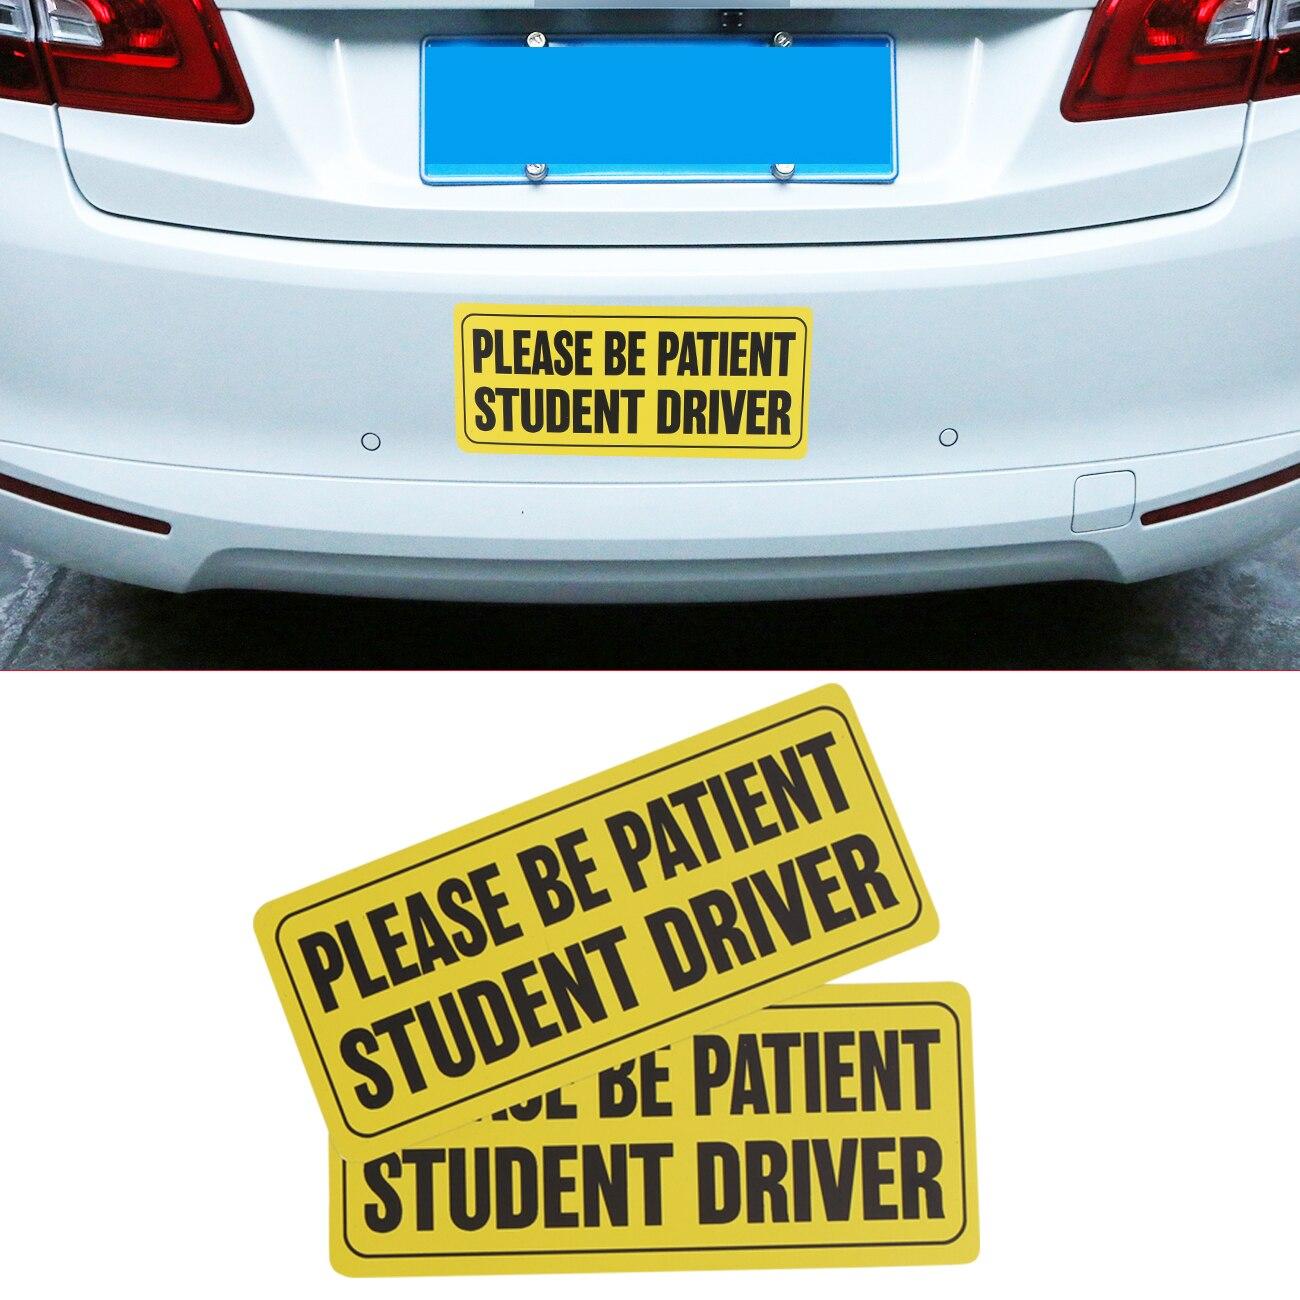 2 шт. съемный магнитный Будьте терпеливы студент водитель автомобиль Детская безопасность бампер магнит знаки автомобиля Стикеры # sgb-3-2